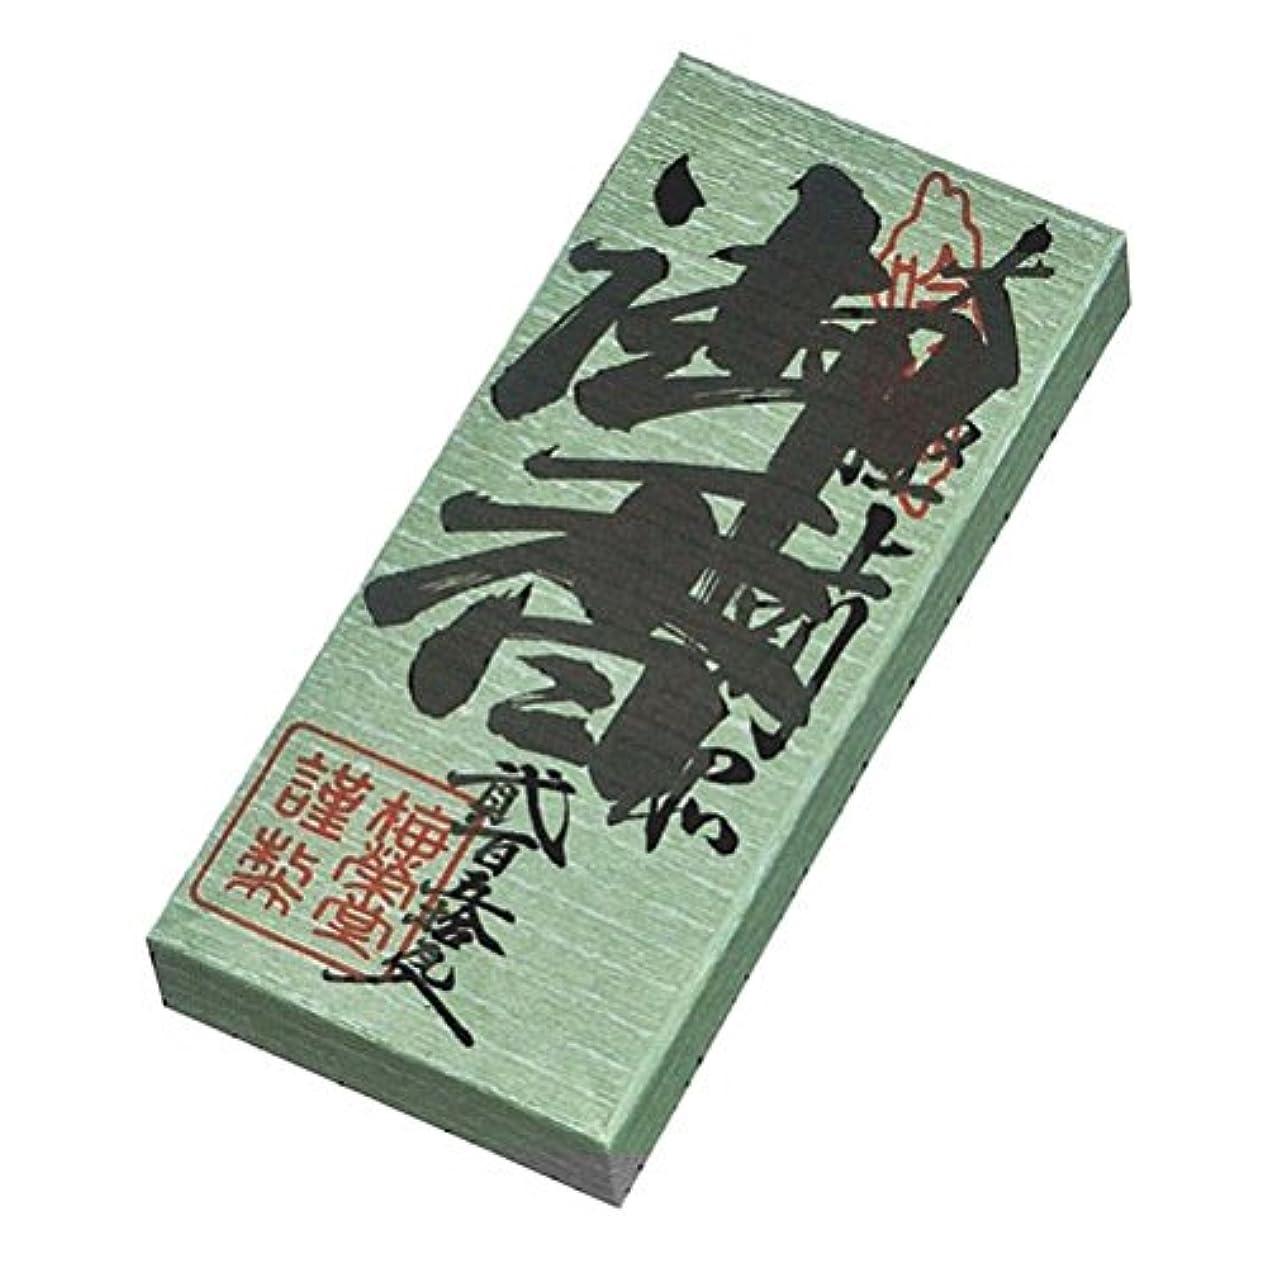 イチゴ反動類推瑞薫印 250g 紙箱入り お焼香 梅栄堂